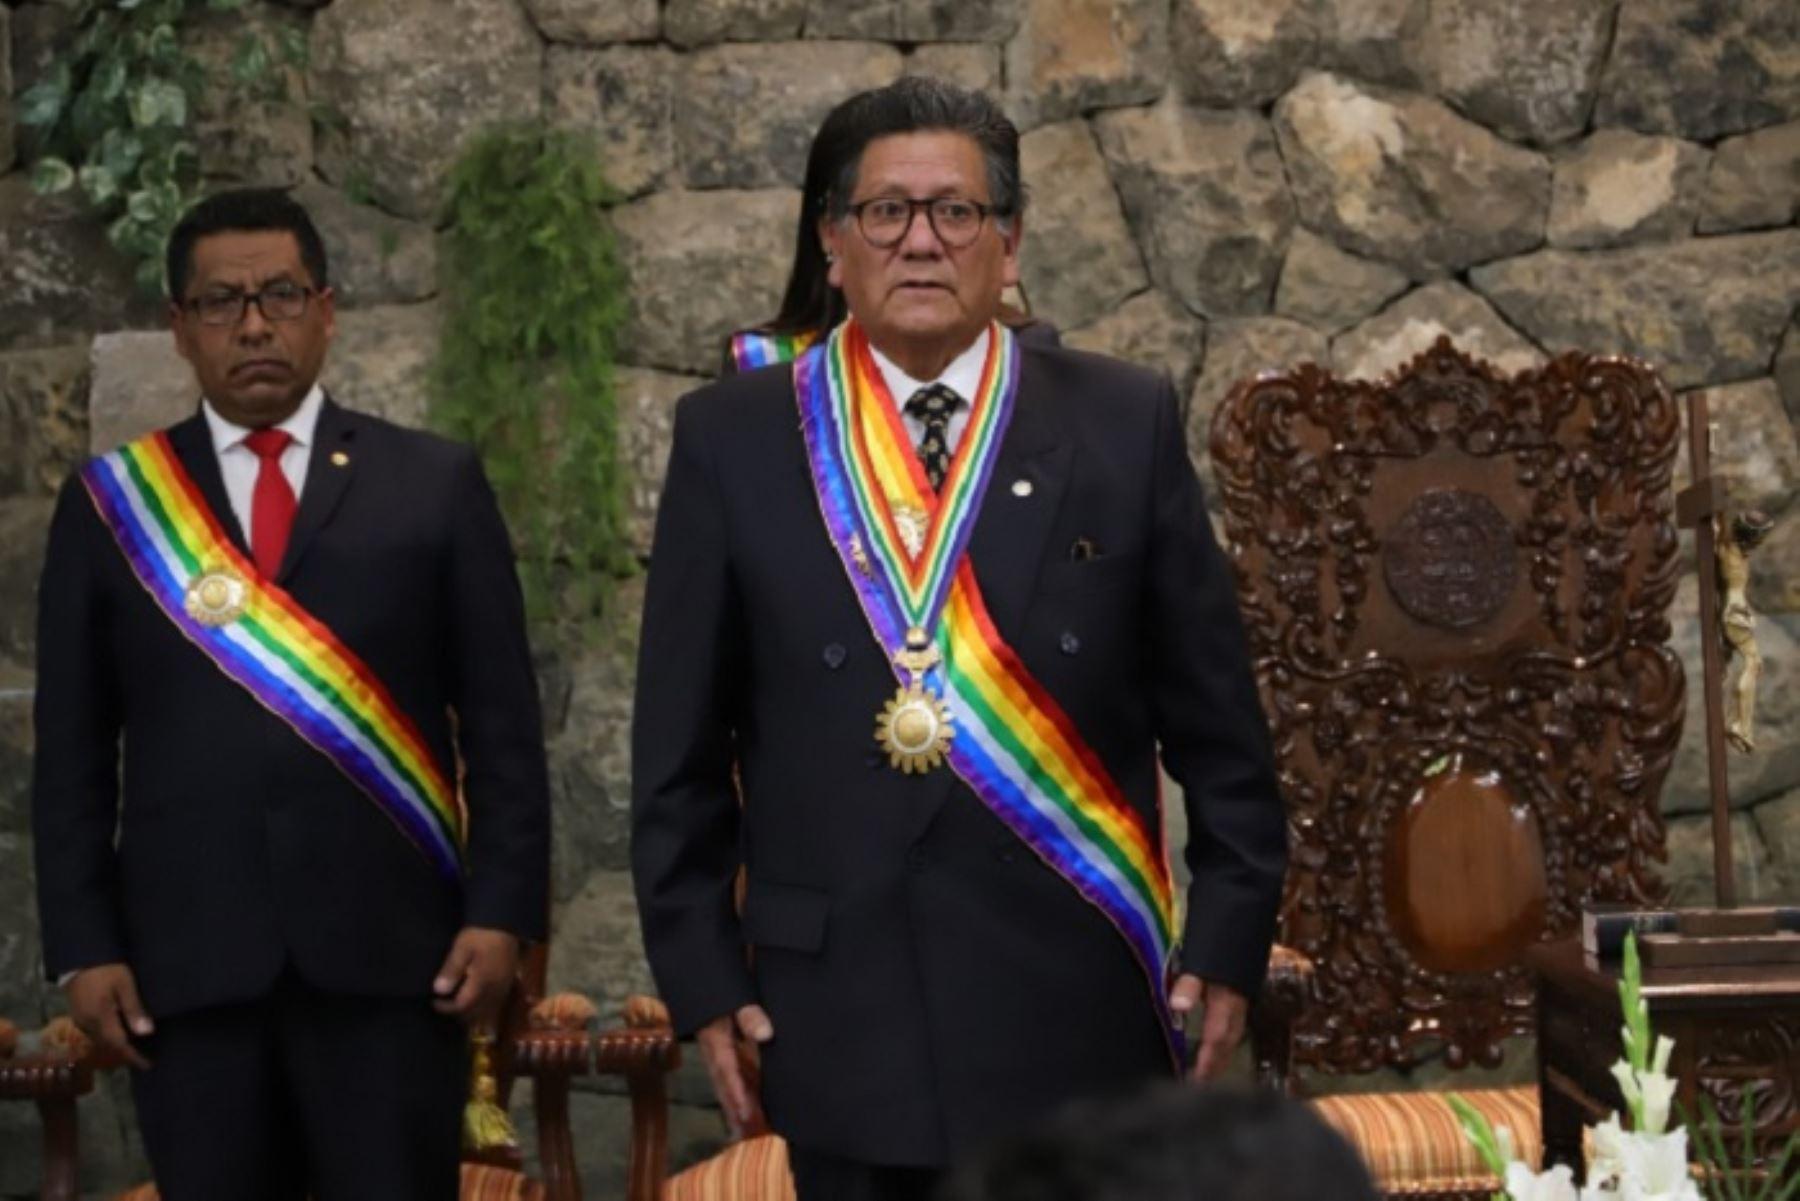 La ceremonia de juramentación del nuevo alcalde del Cusco, Ricardo Valderrama, se efectuó en el centro de convenciones de la municipalidad provincial.